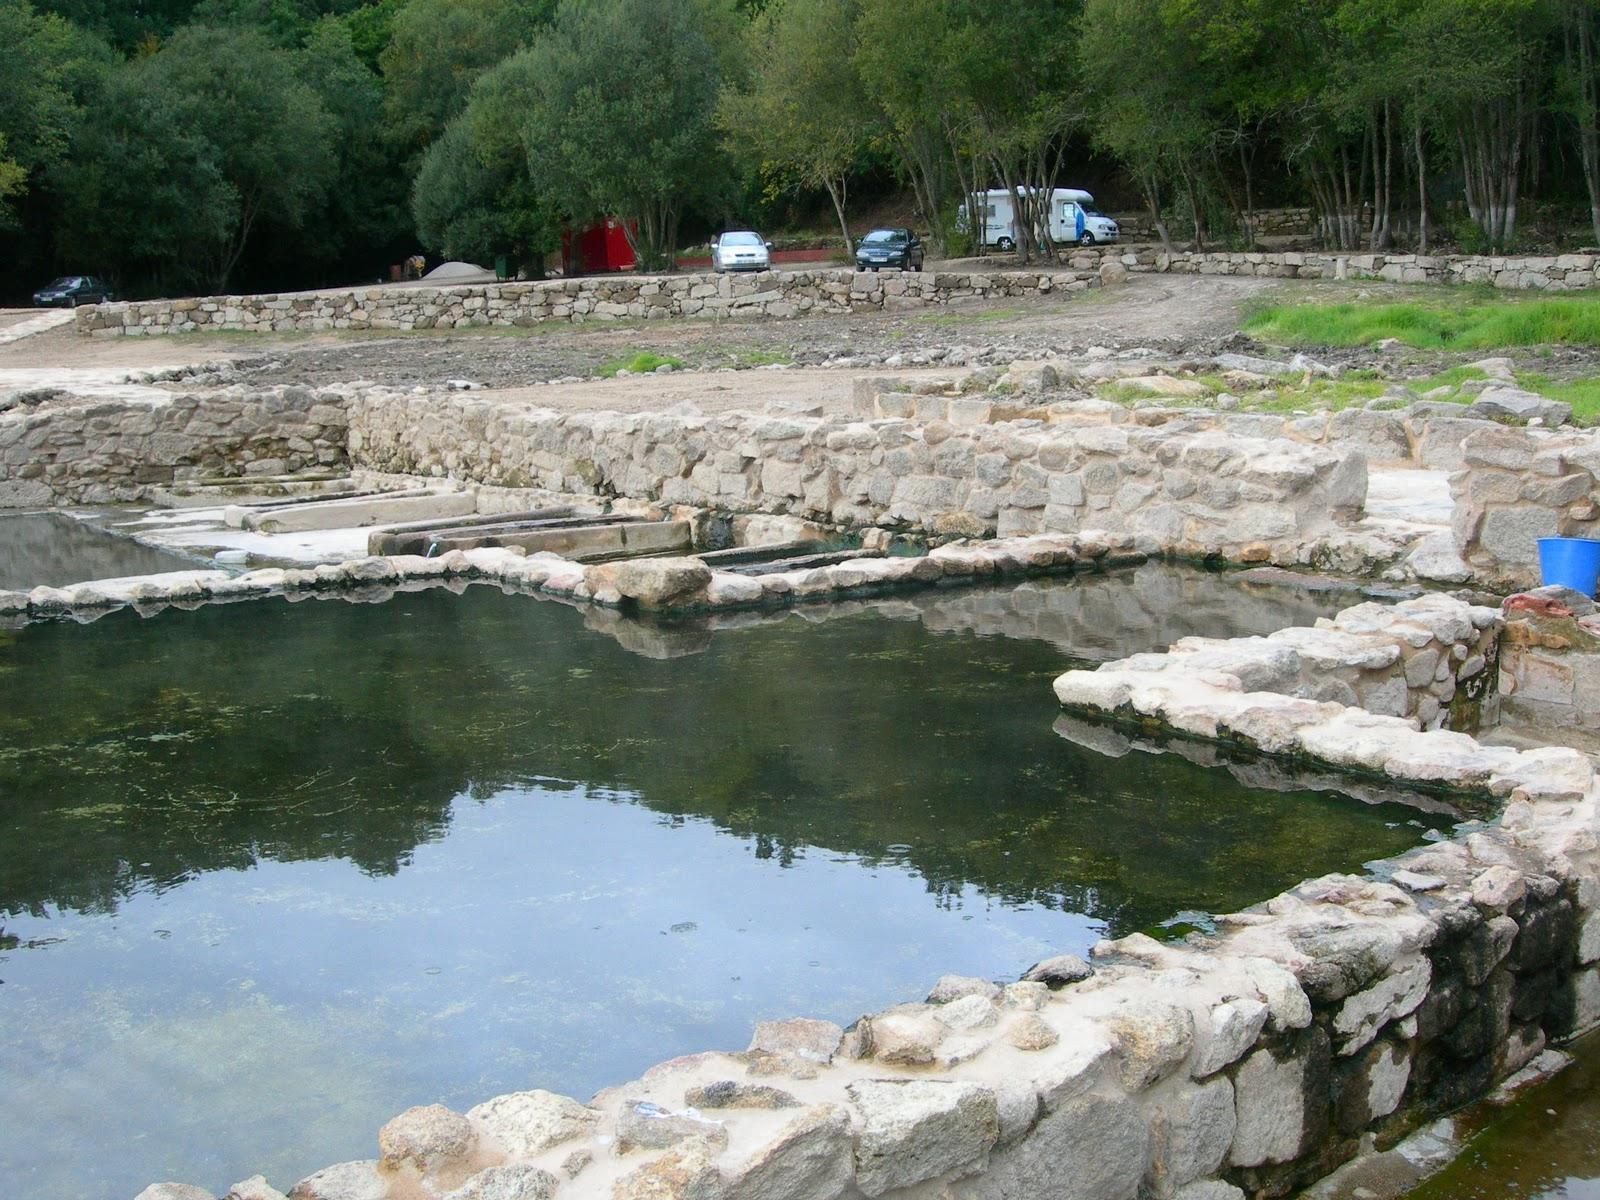 Baño Termal | No Geres3 Bande O Bano Aguas Quentes 5 10 2010